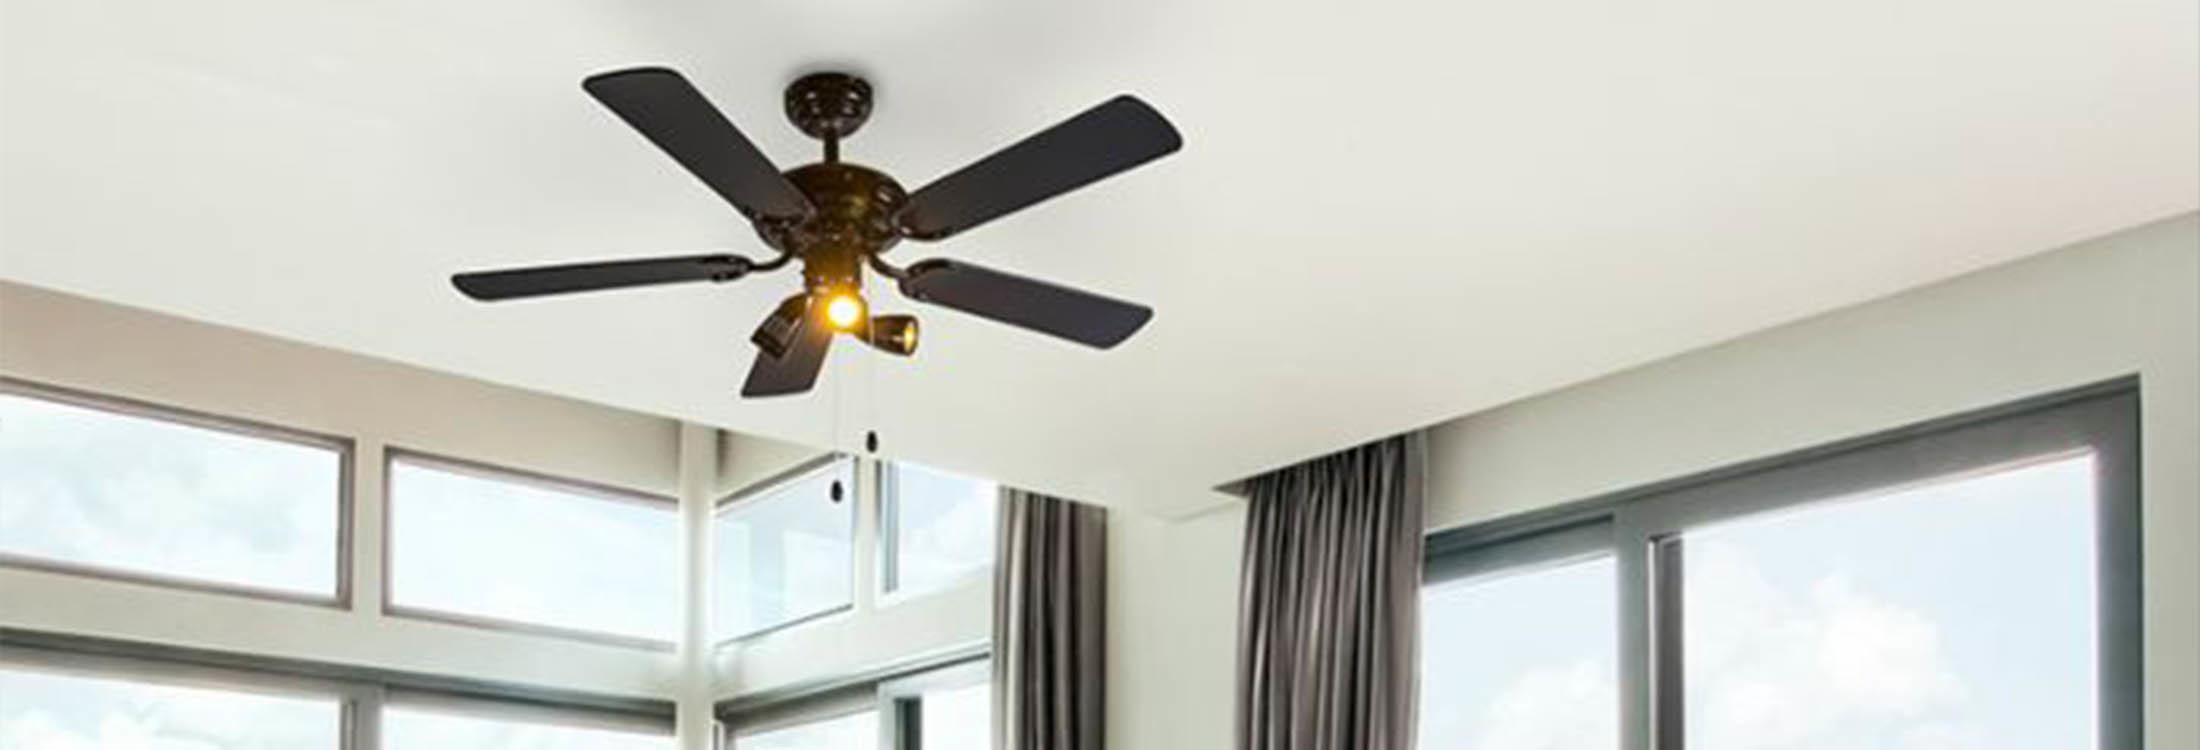 Ventilatoren kopen bij DesignmetLicht.nl